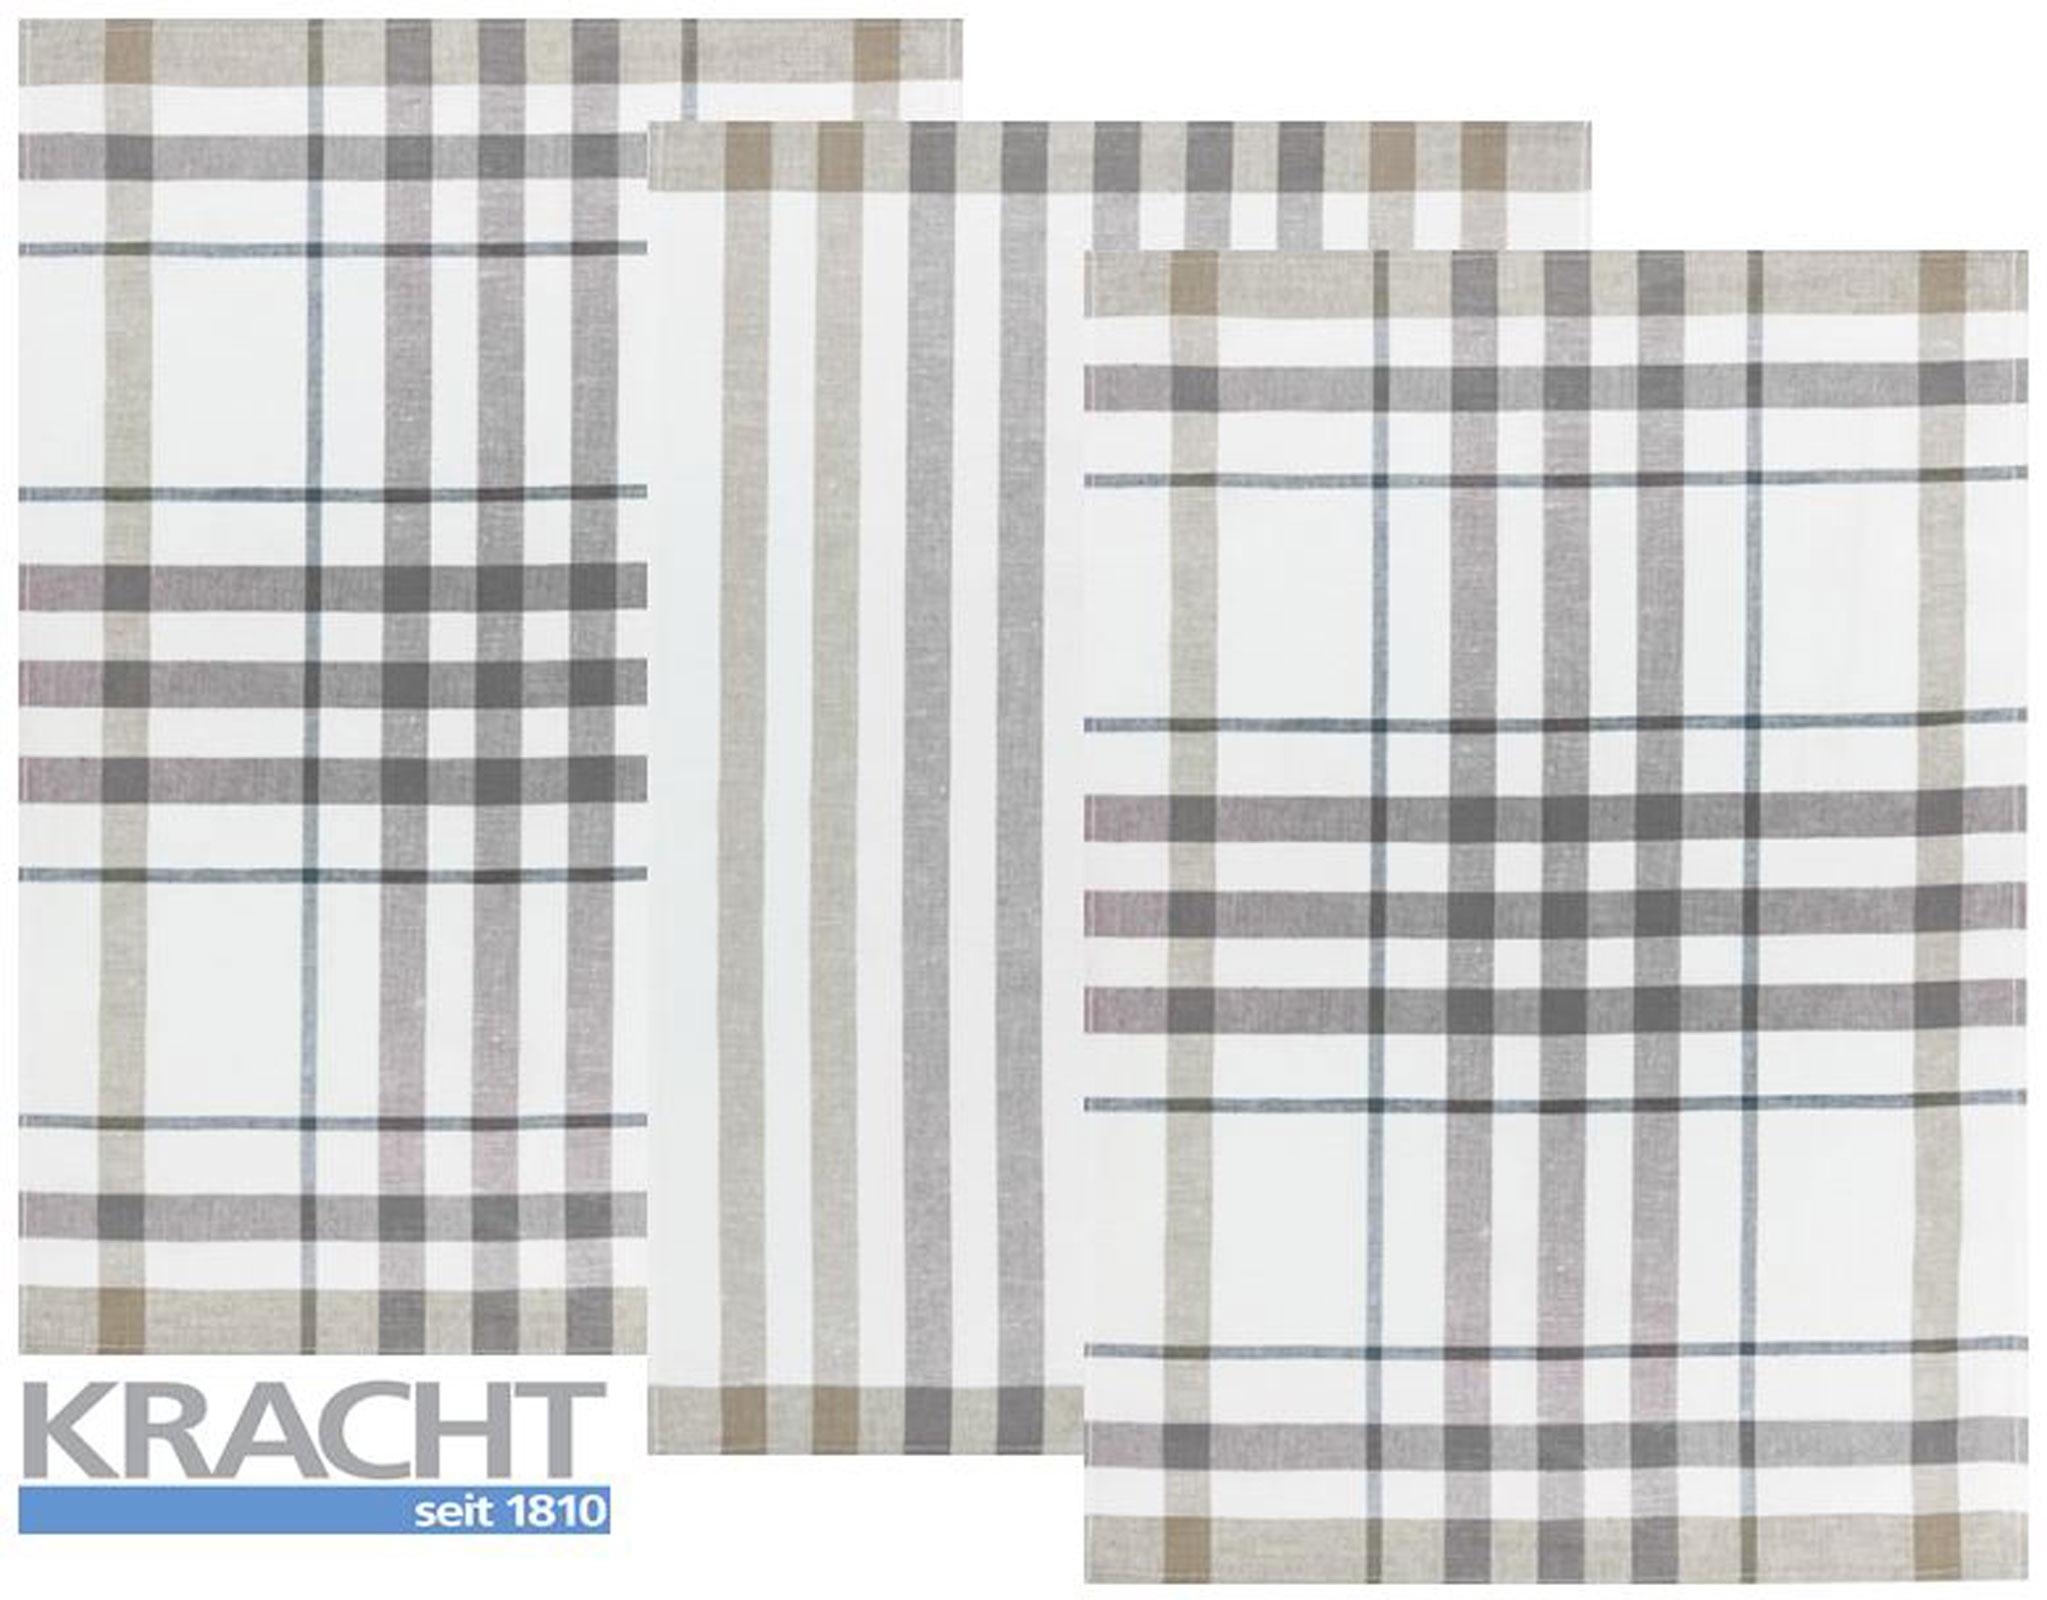 Küchentextilien - 3er Pack Kracht Halbleinen Geschirrtuch 50x70 2x Karo 1x Streifen 2 930 18 grau  - Onlineshop PremiumShop321